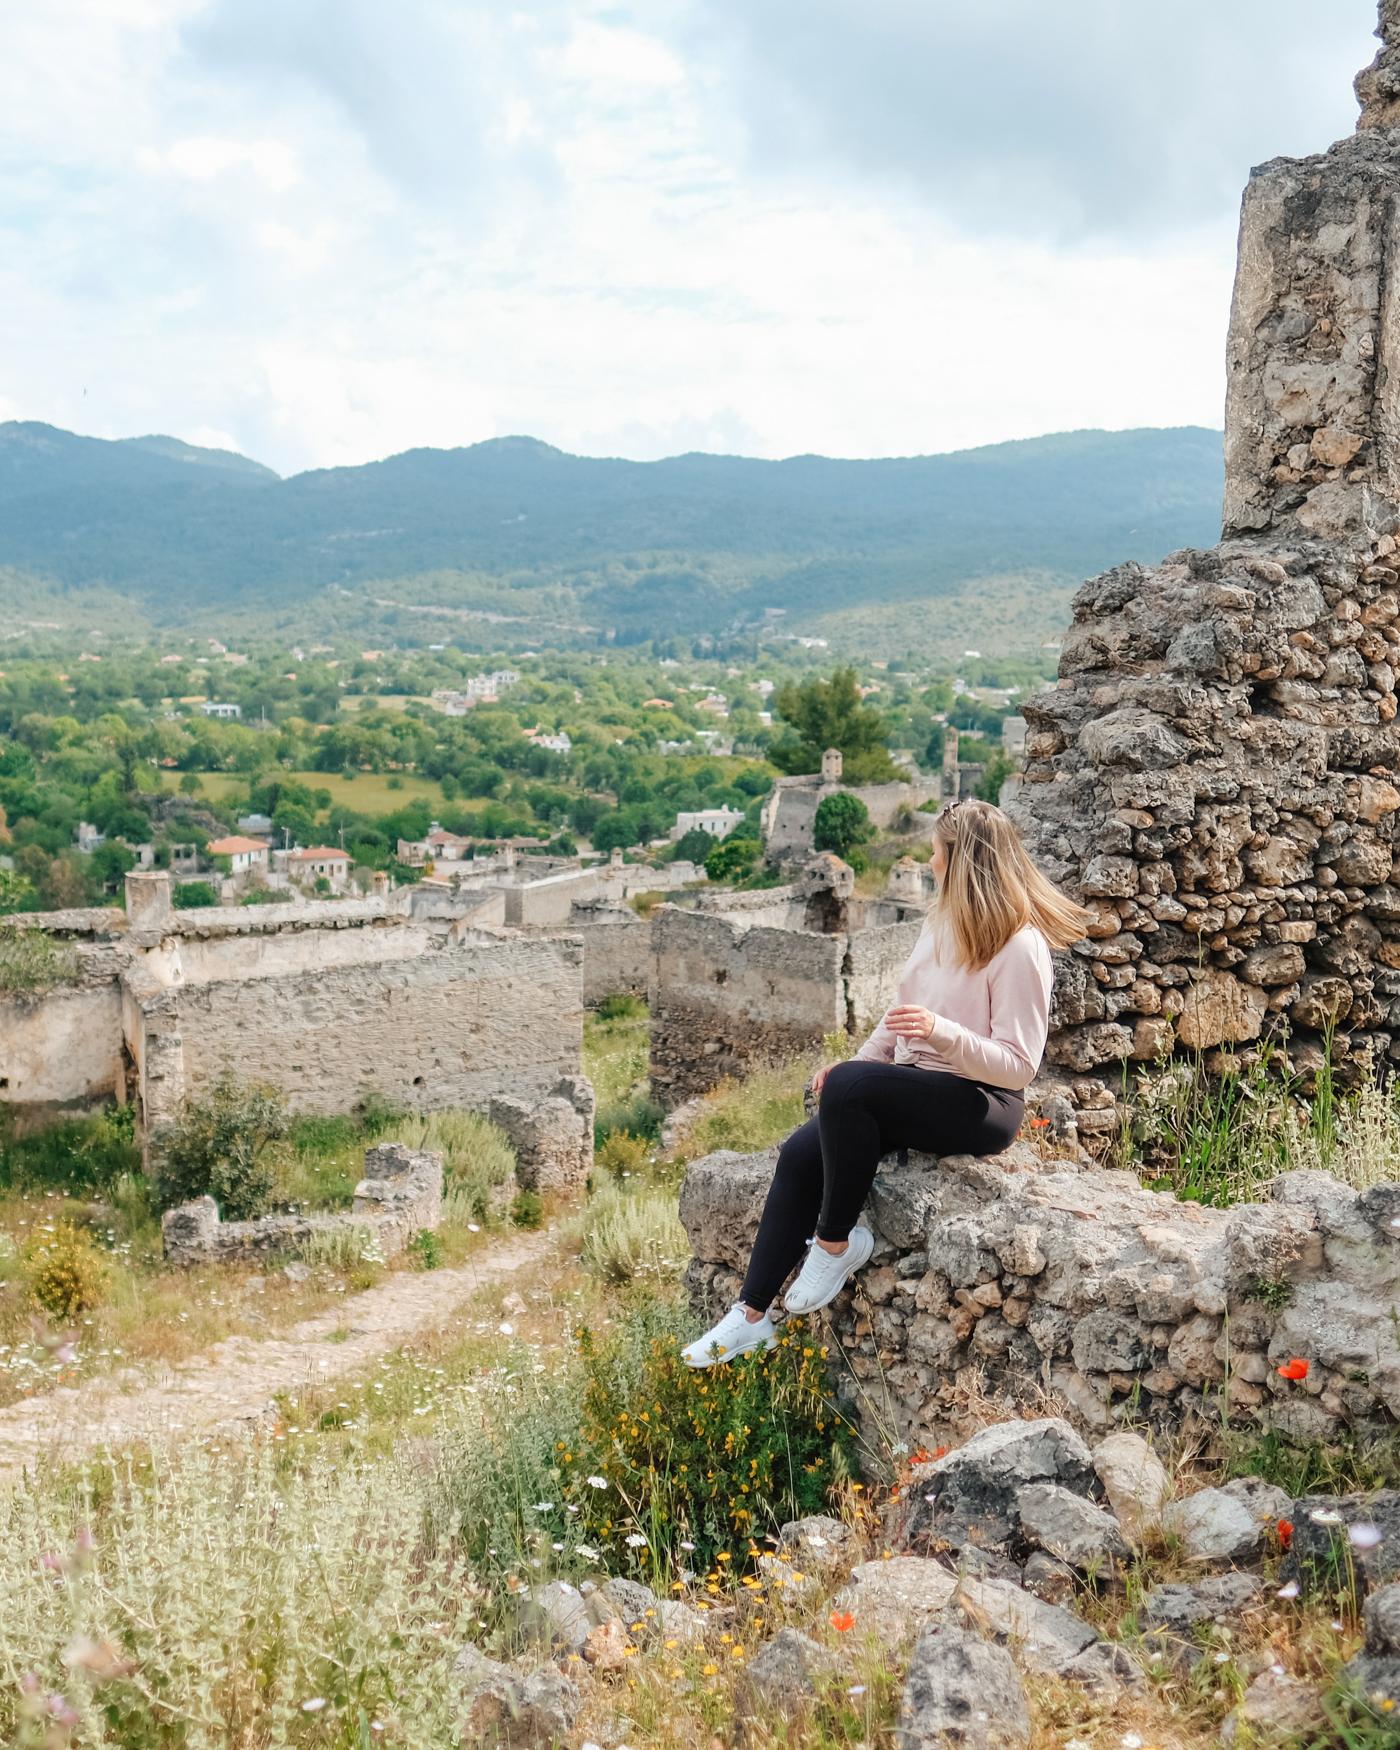 Exploring the ruins of Kayaköy